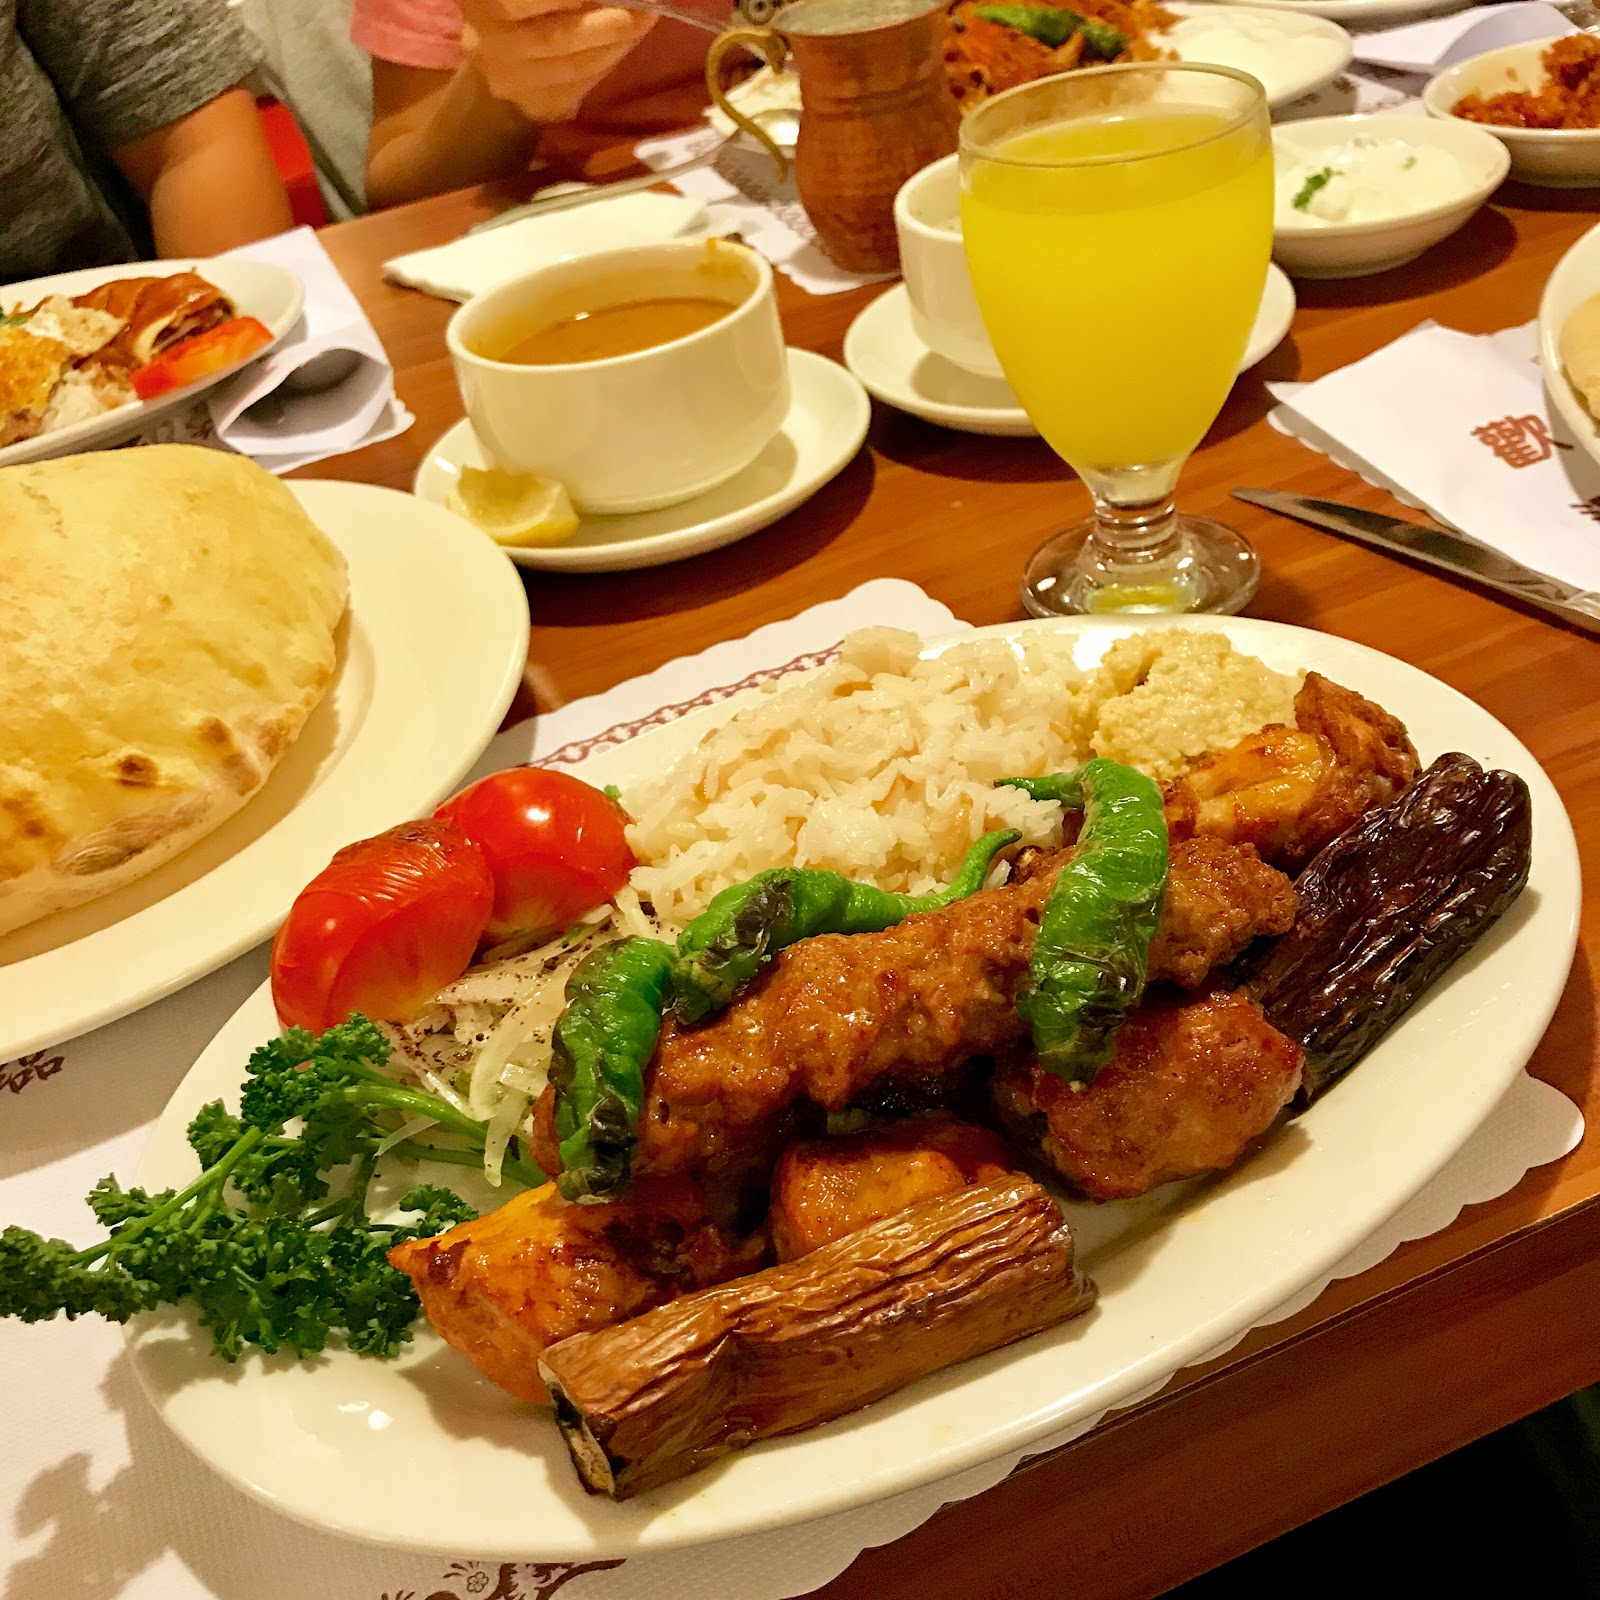 番紅花城土耳其餐廳 @ 半夜摸黑翻冰箱 :: 痞客邦